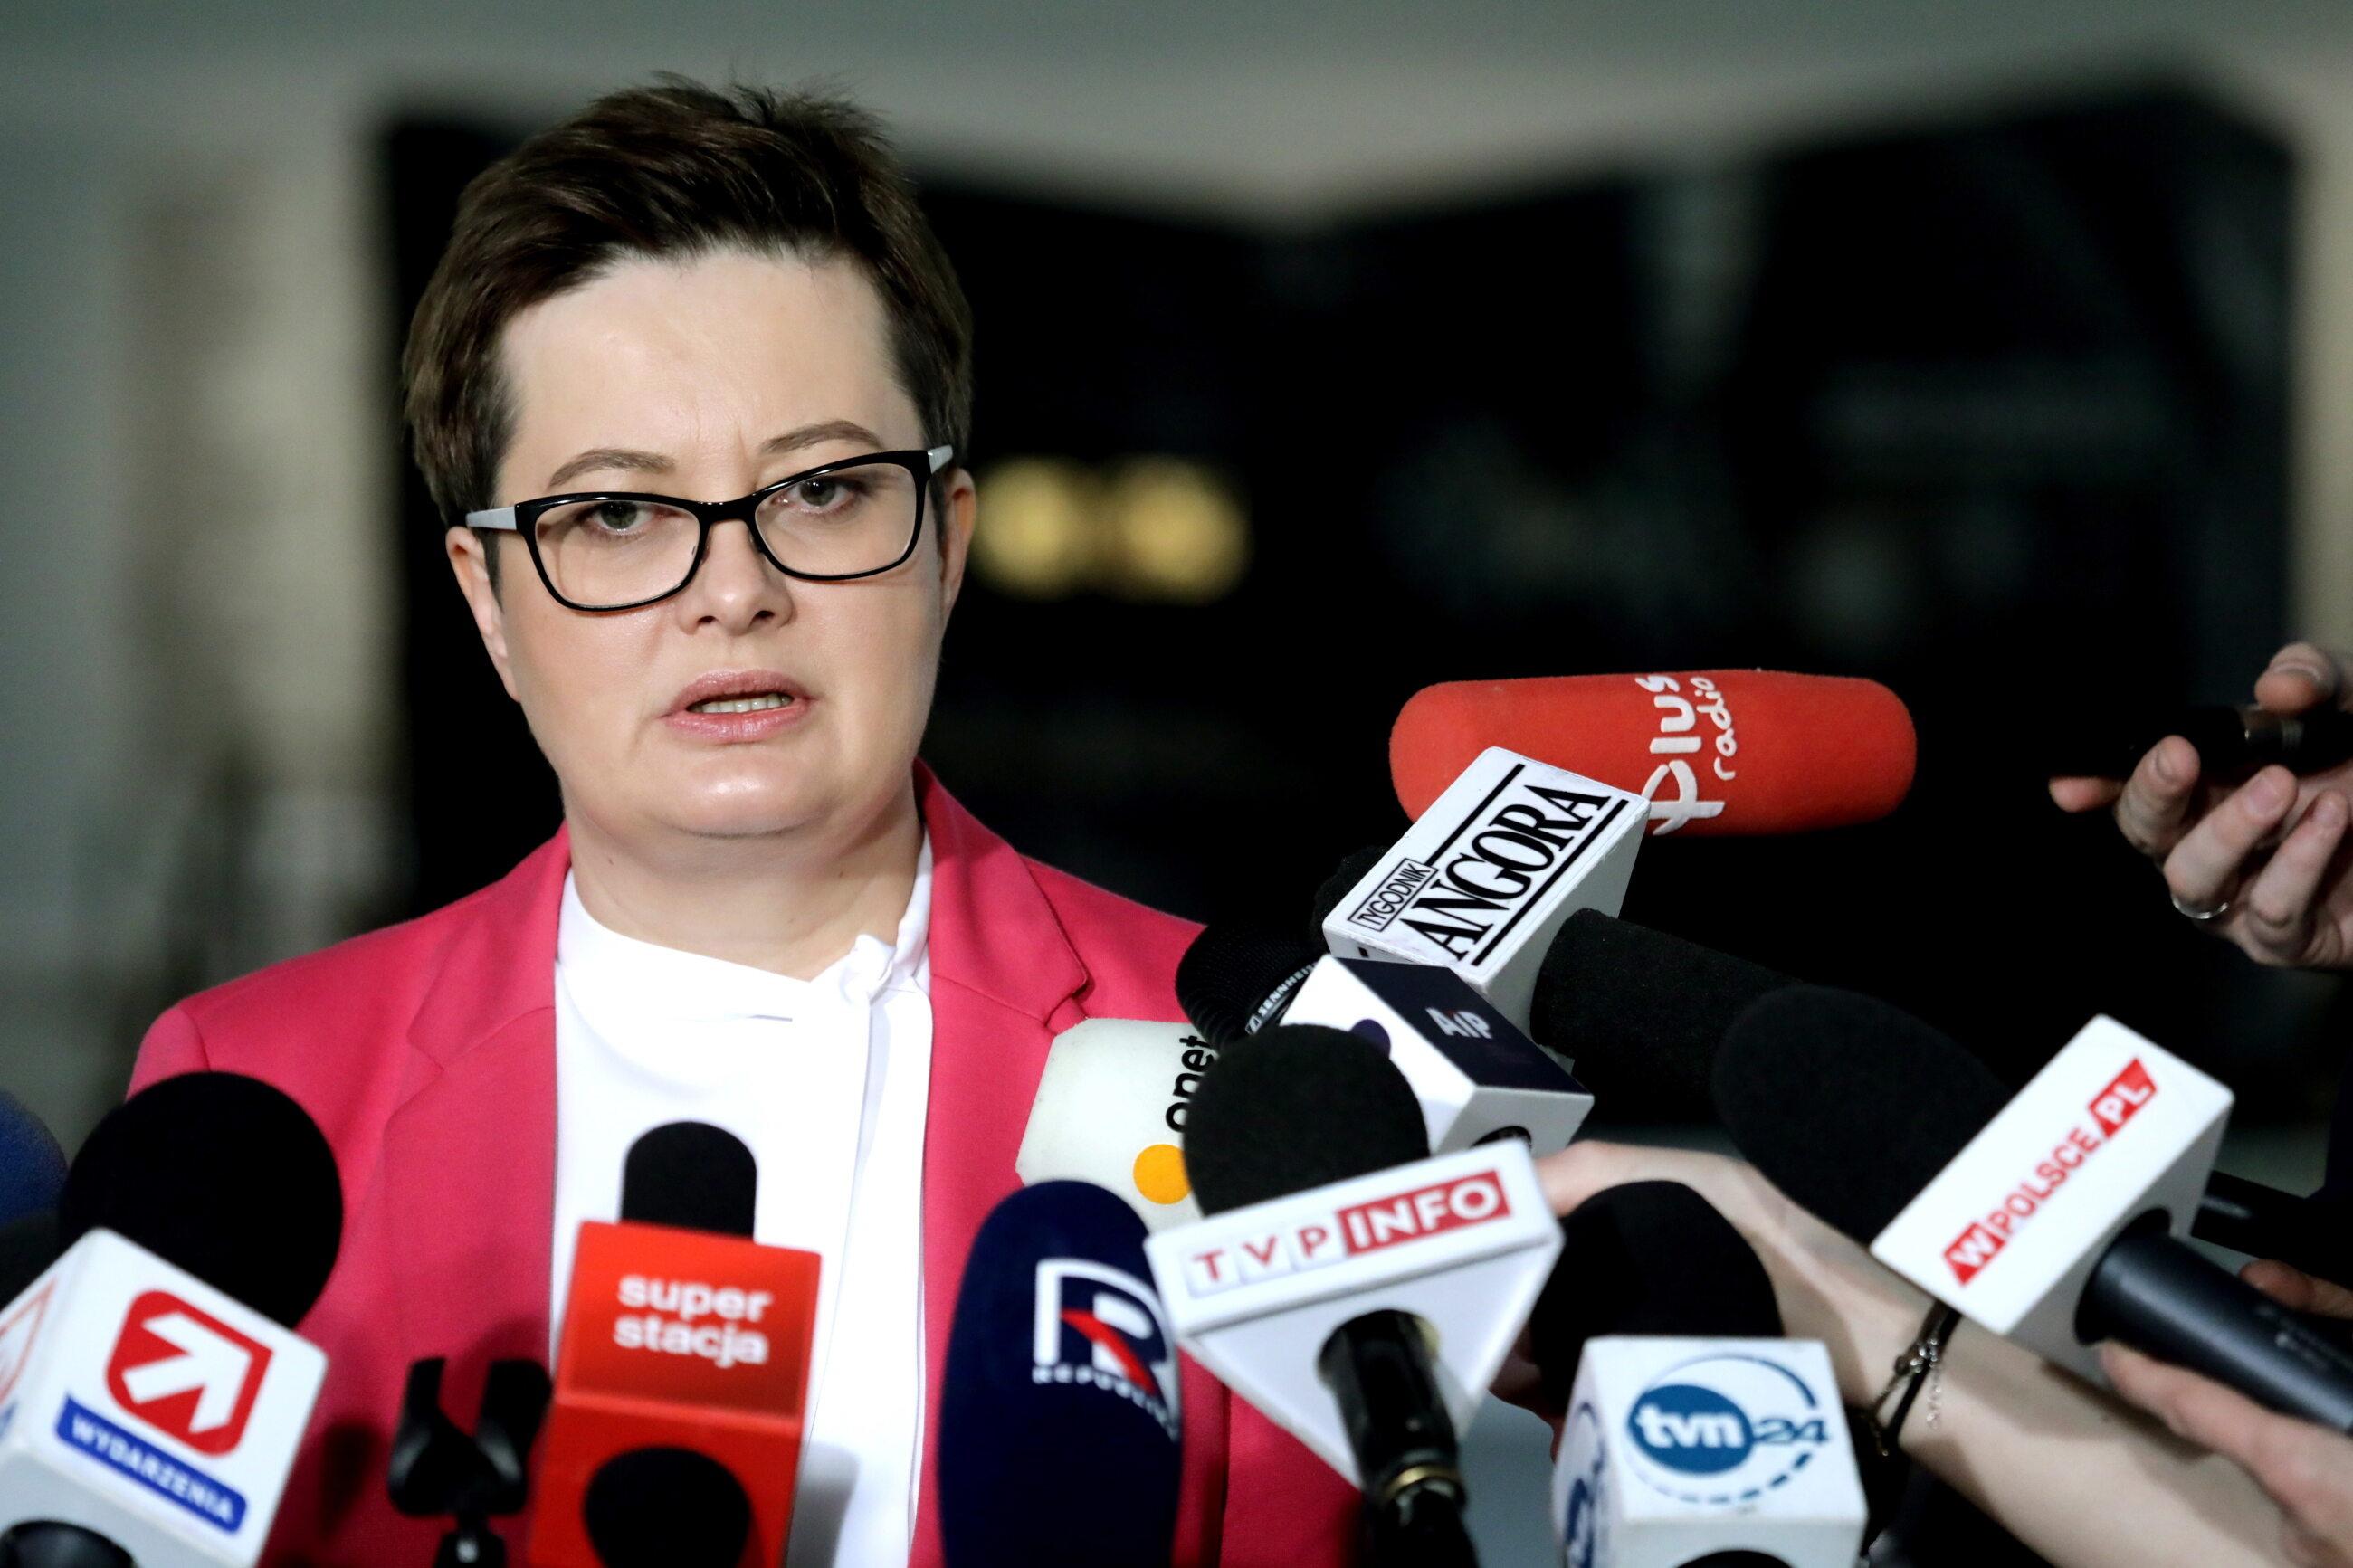 Przewodnicząca Klubu Poselskiego Katarzyna Lubnauer